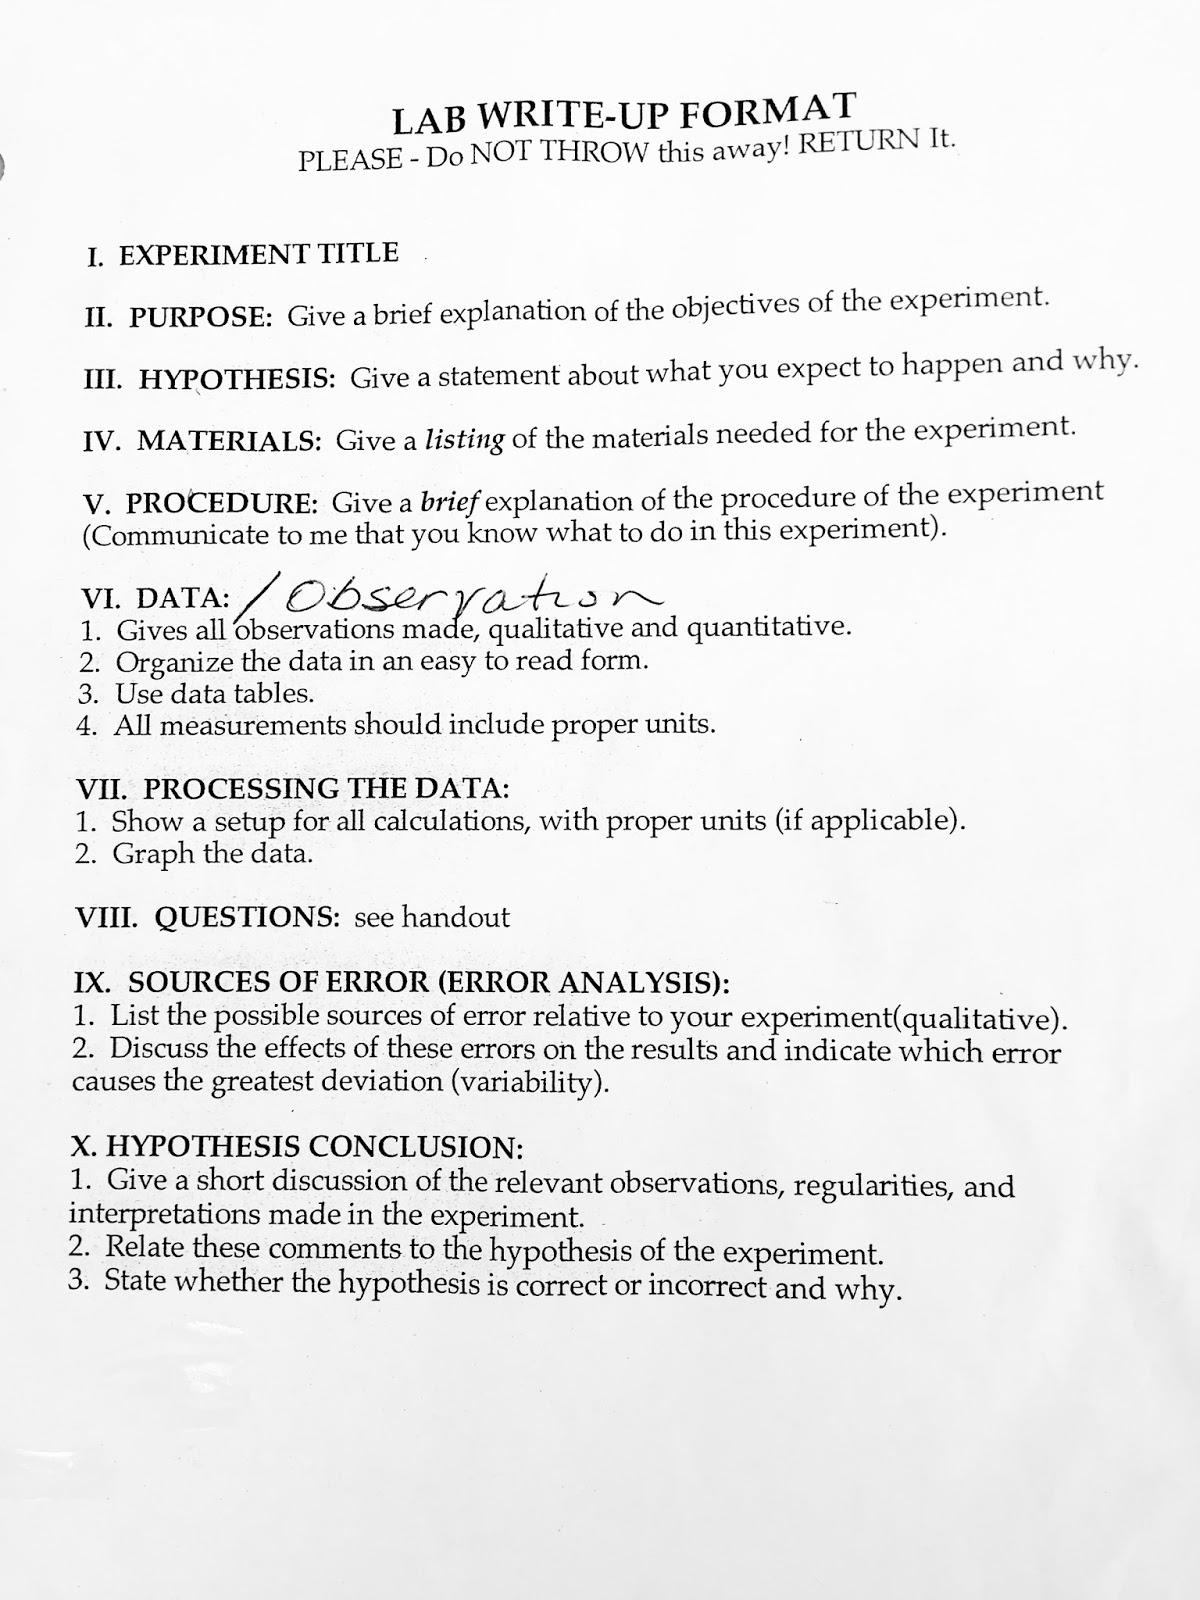 Regular Bio: Lab Write-Up Format